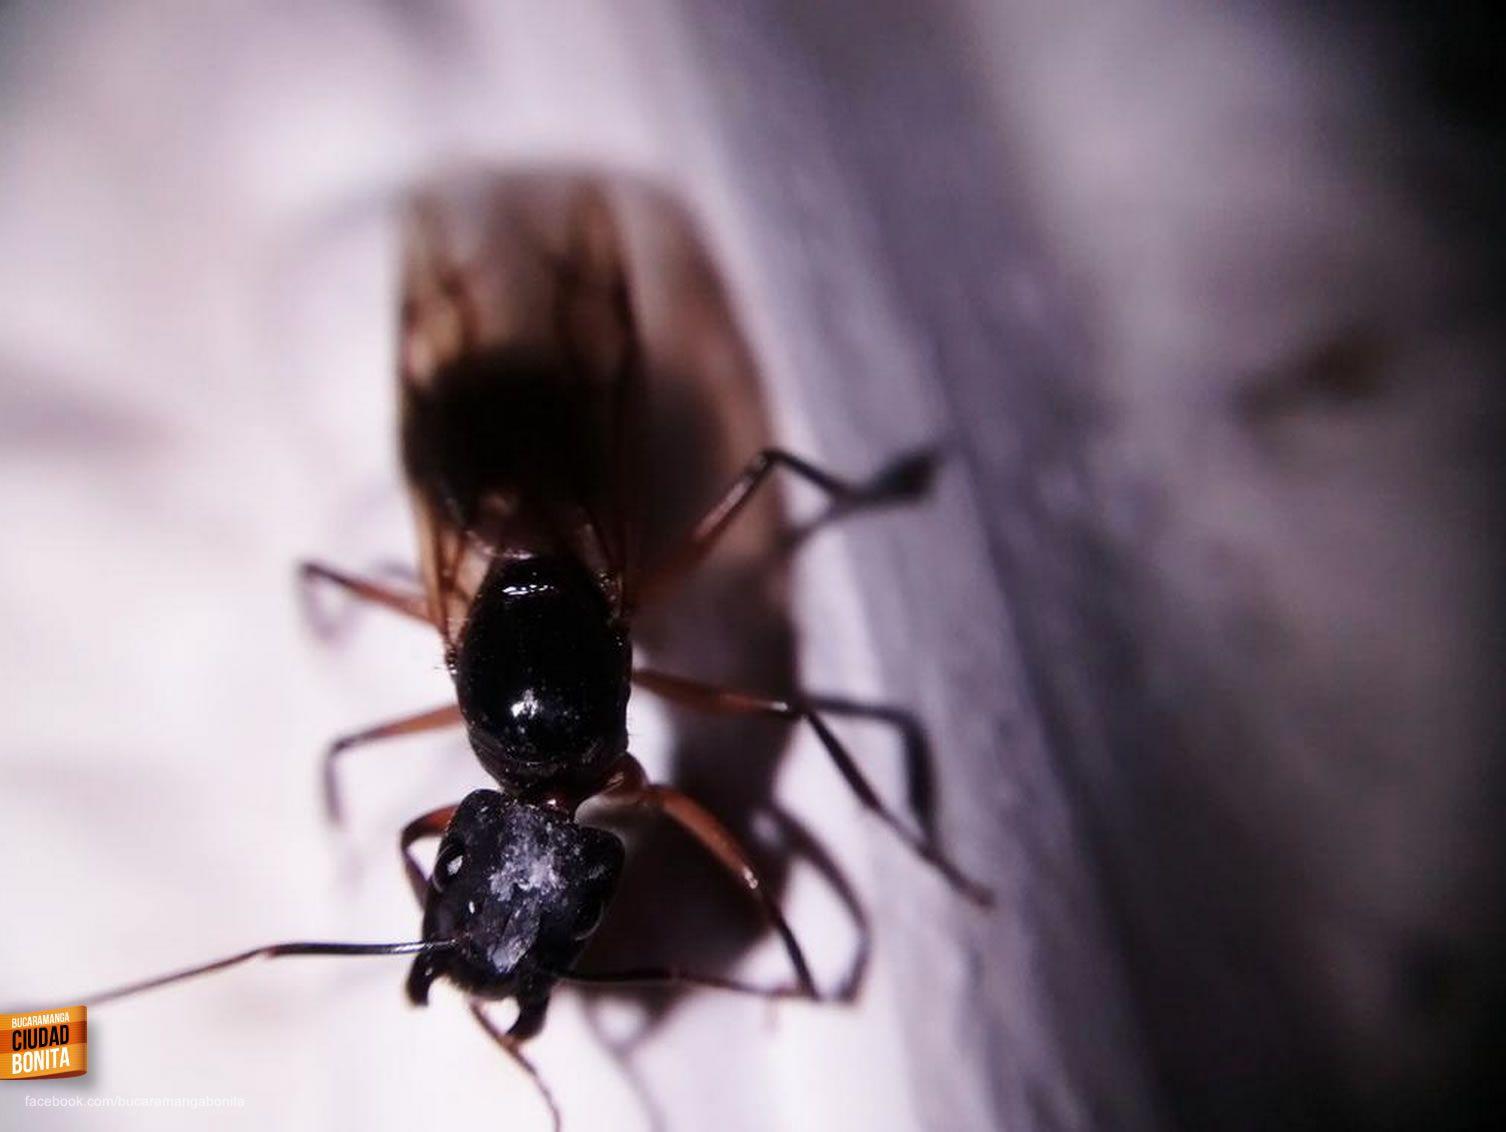 Comienza Oficialmente La Temporada De Hormigas Culonas En  # Muebles Silva Bucaramanga